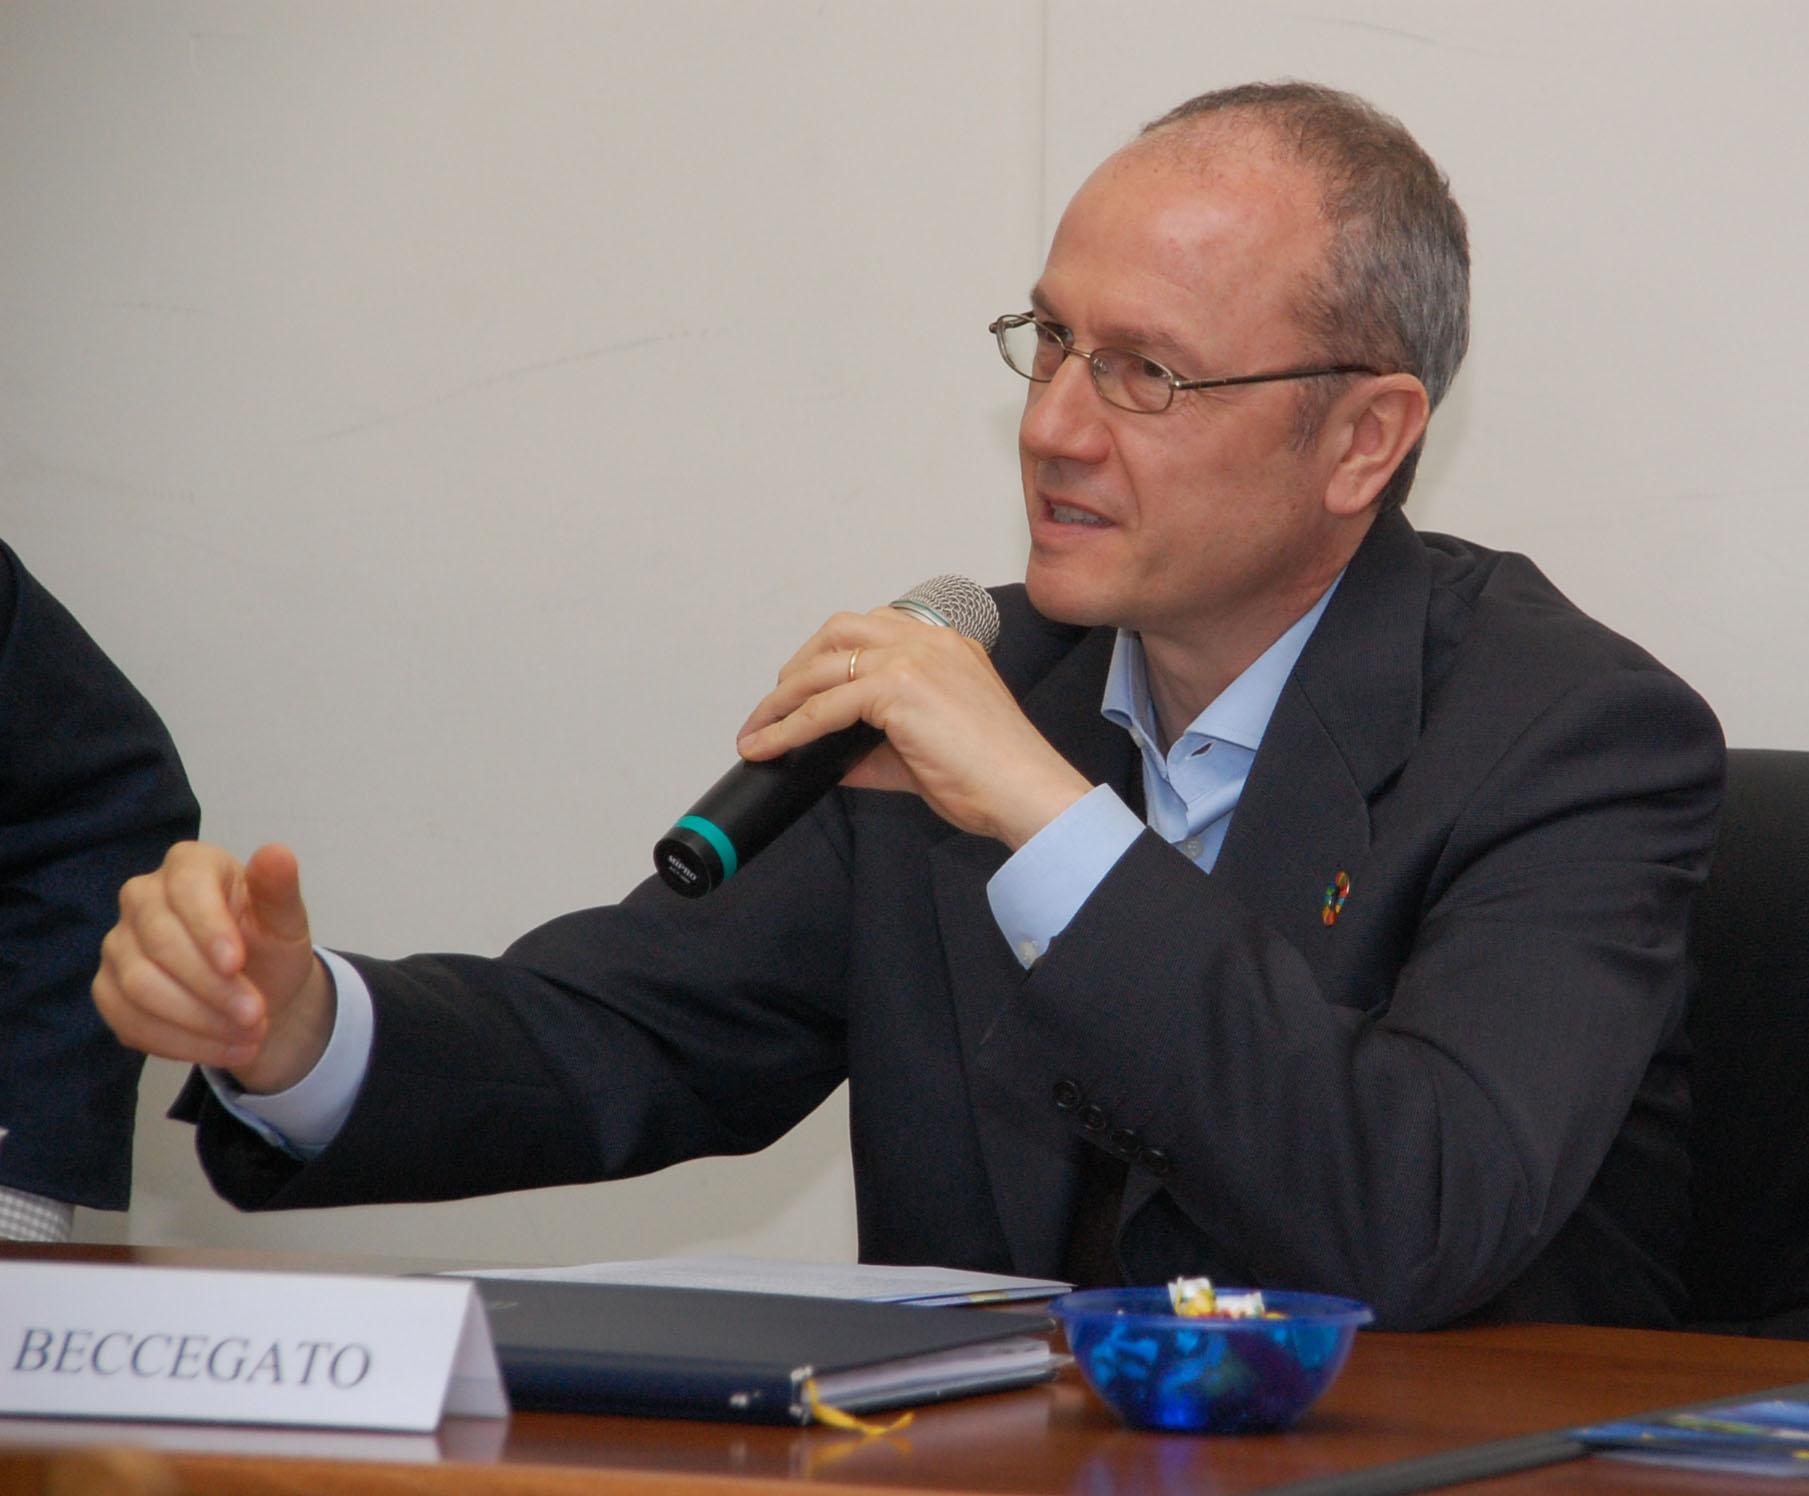 Paolo Beccegato